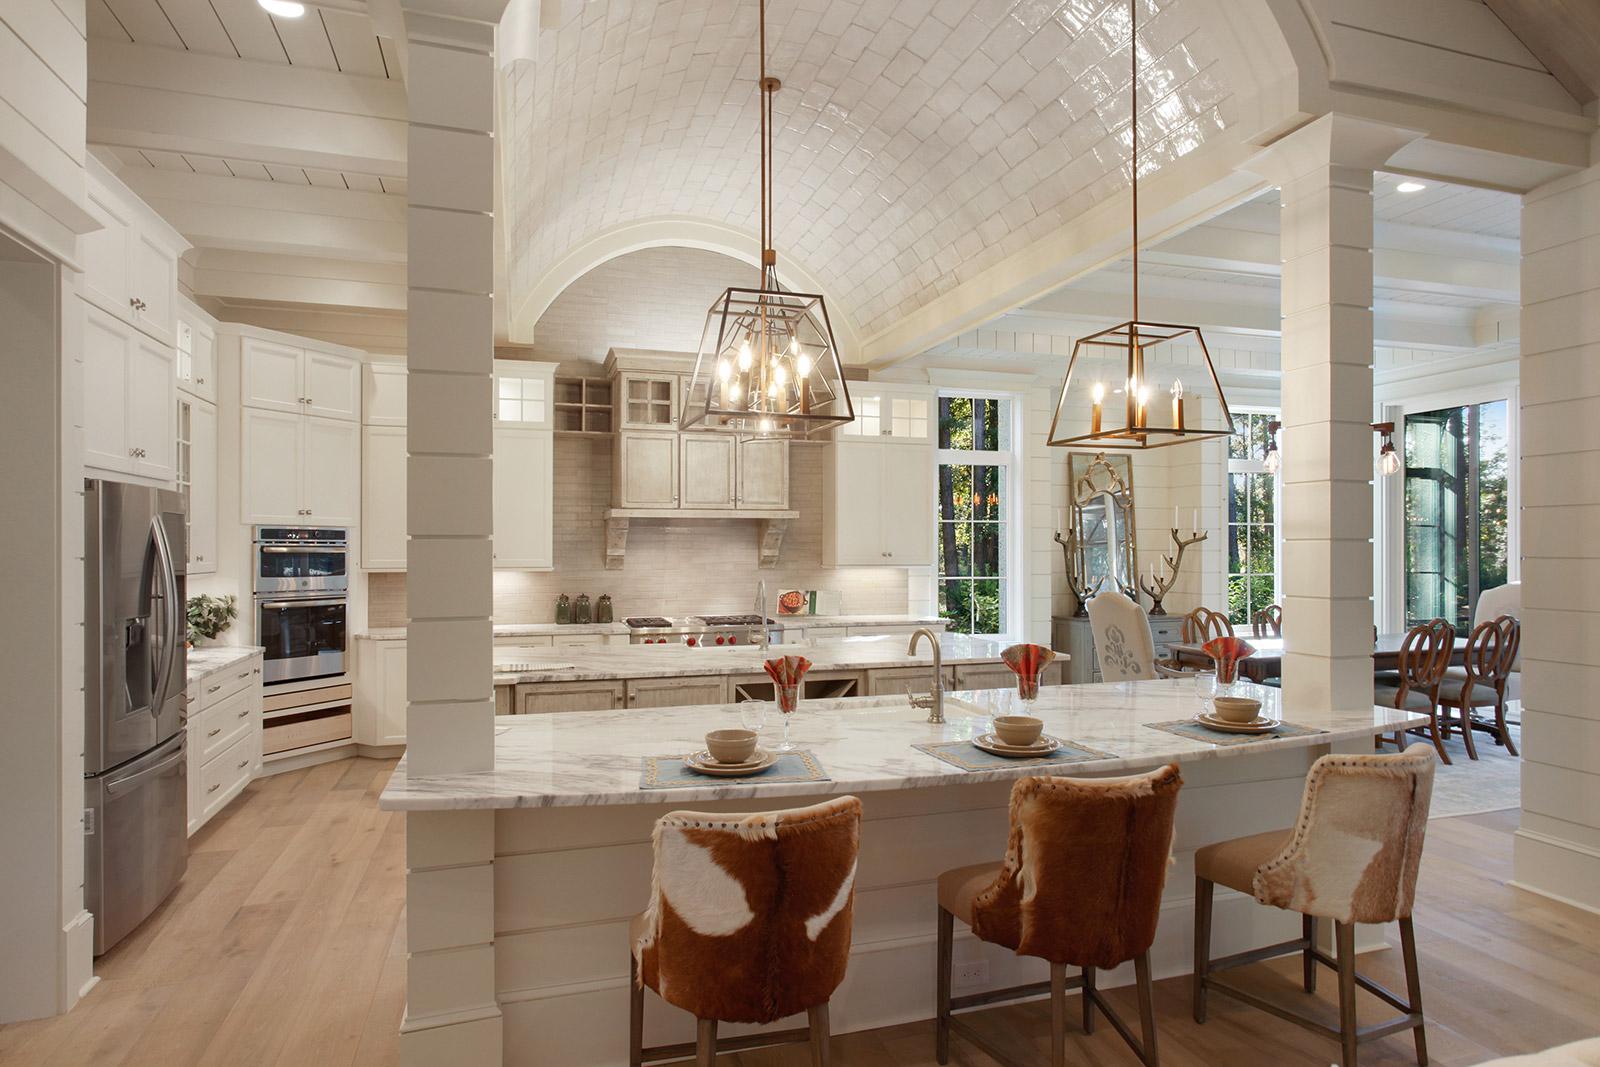 Modern 21st Century Open Kitchen Concept